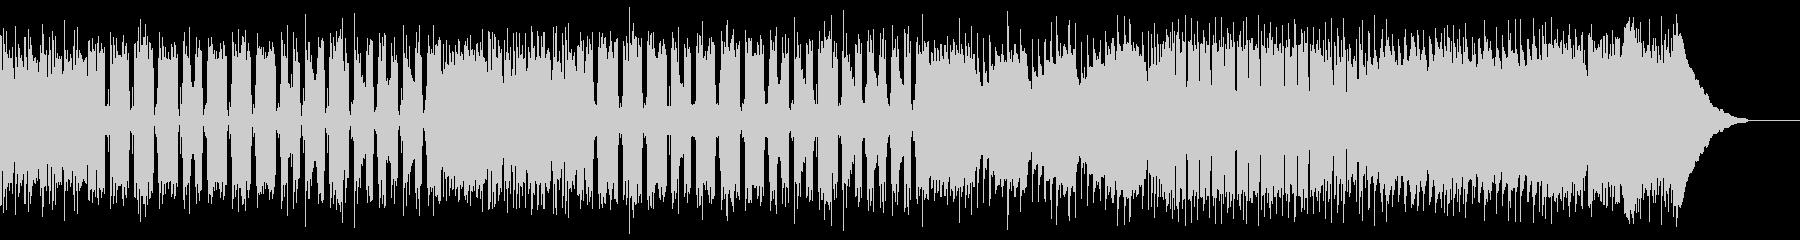 カントリー風マーチングギター01Aの未再生の波形